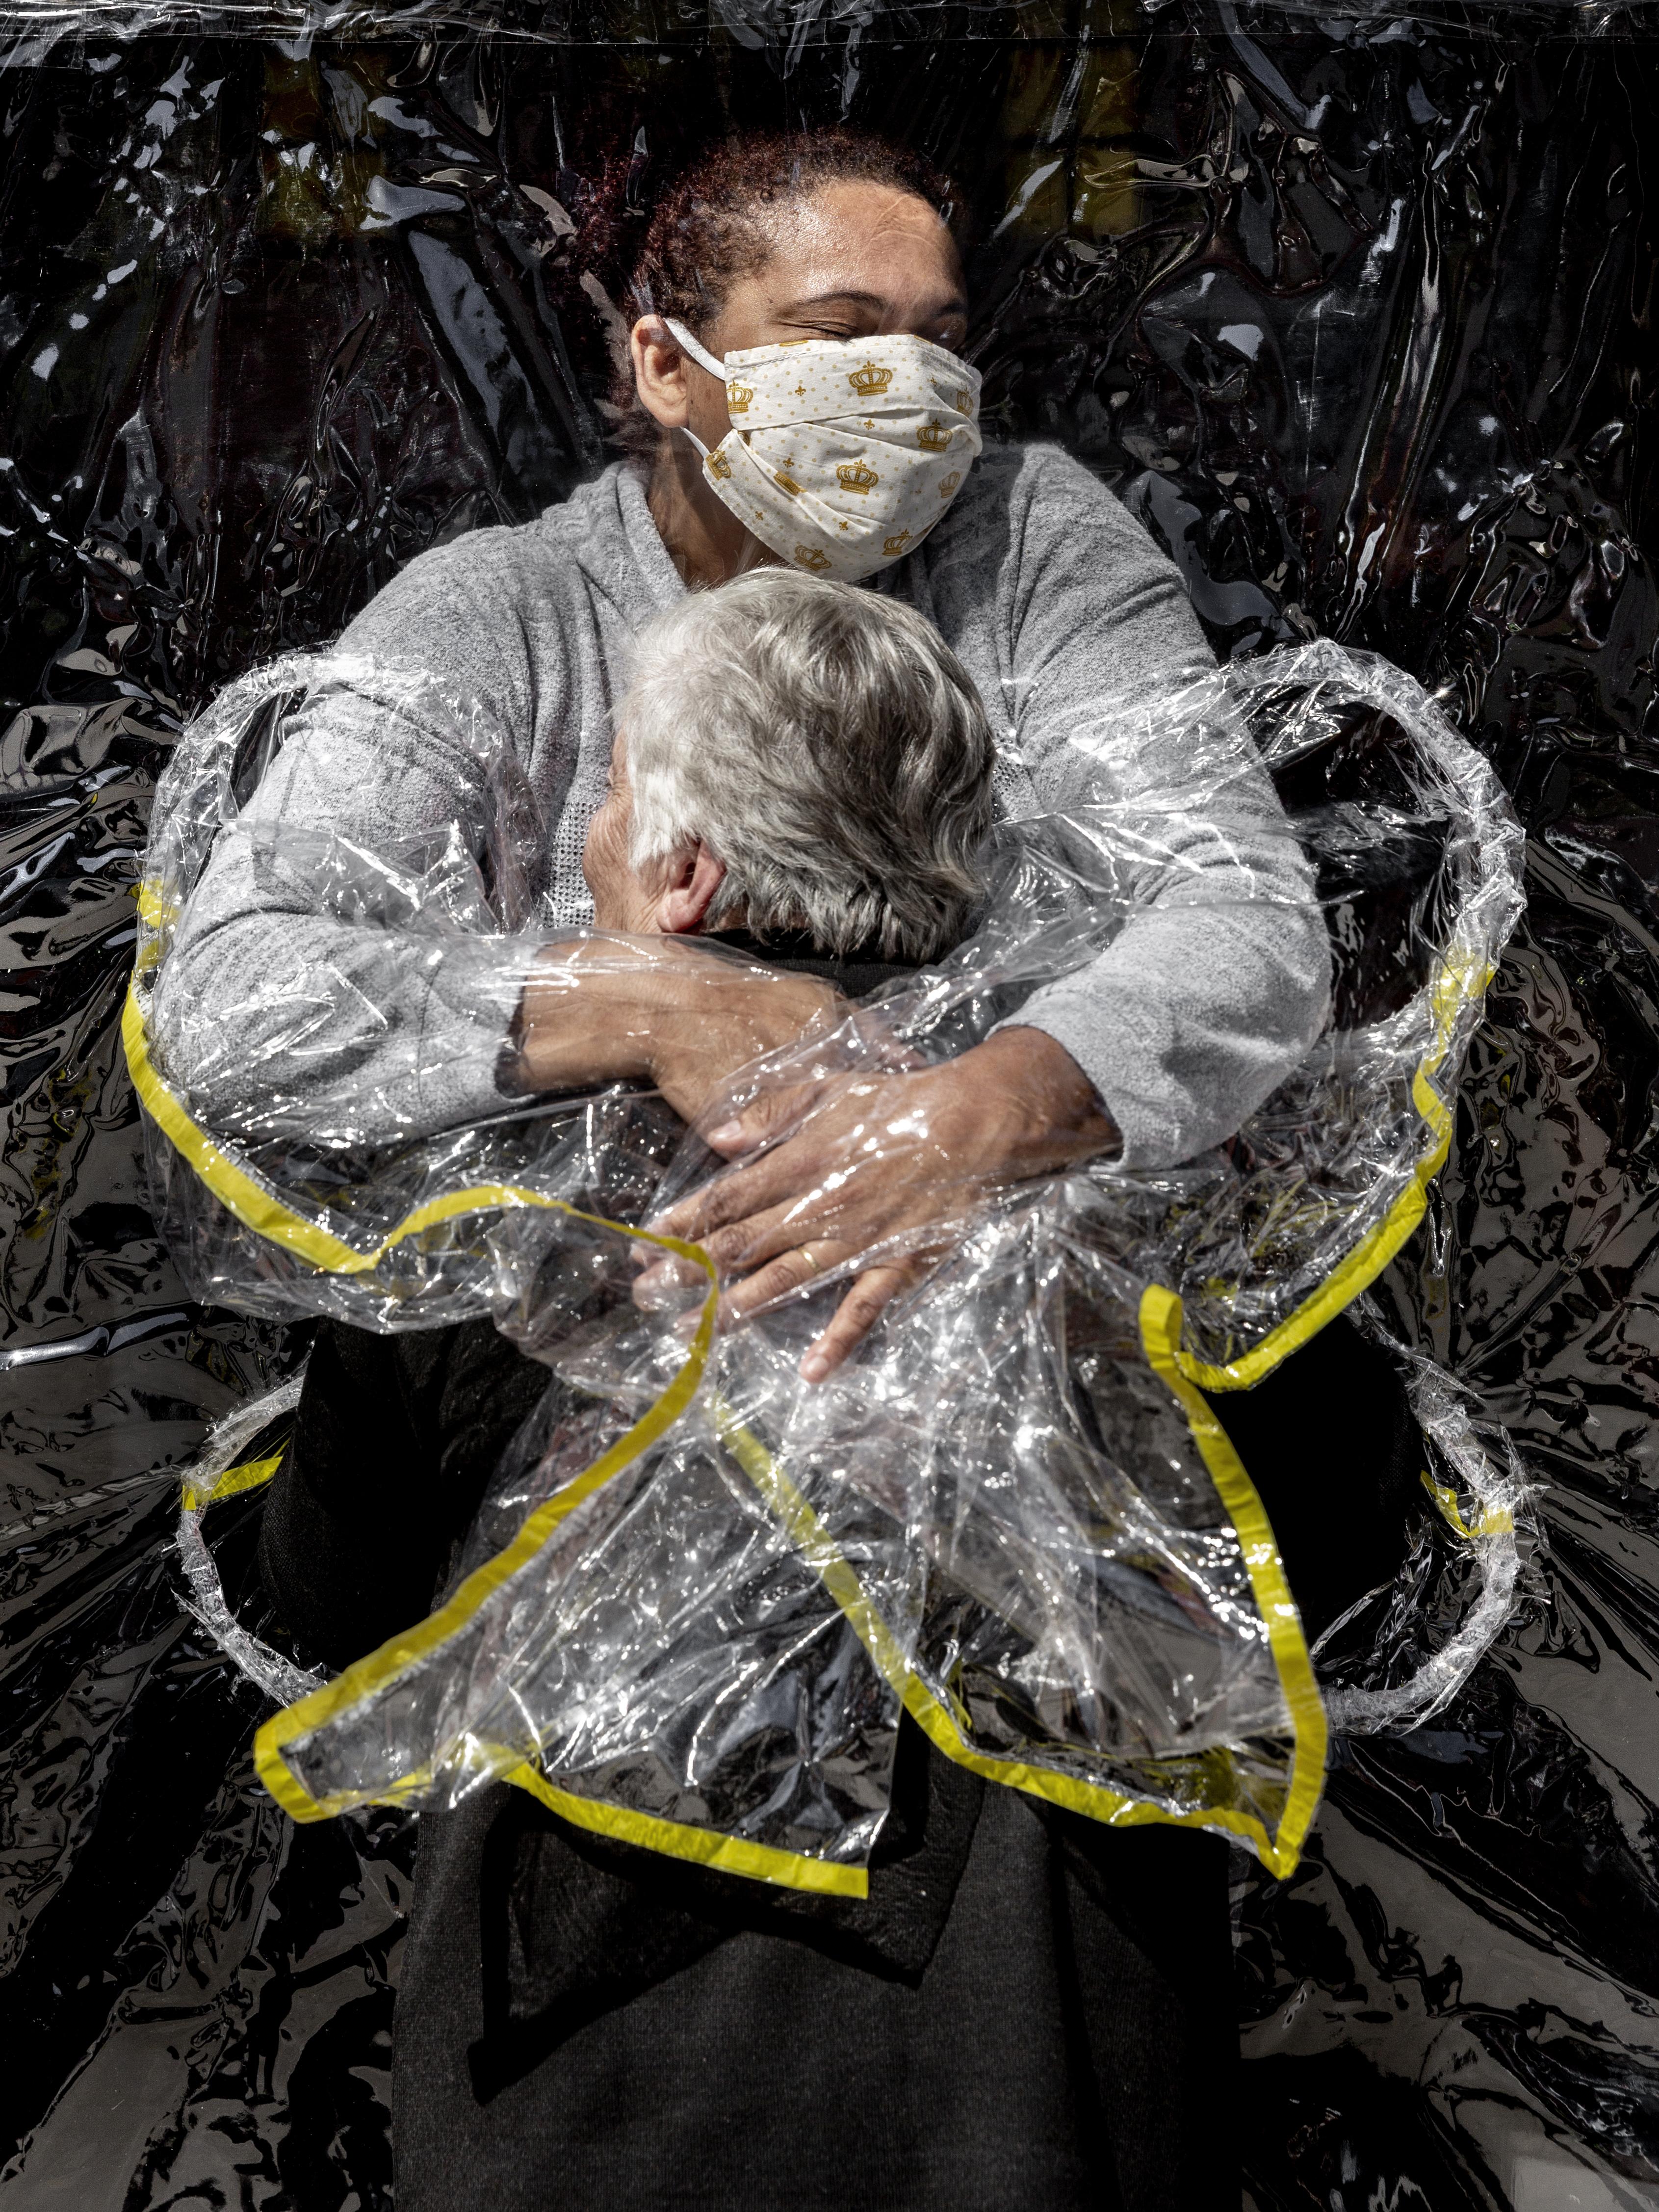 Foto: Mads Nissen/World Press Photo